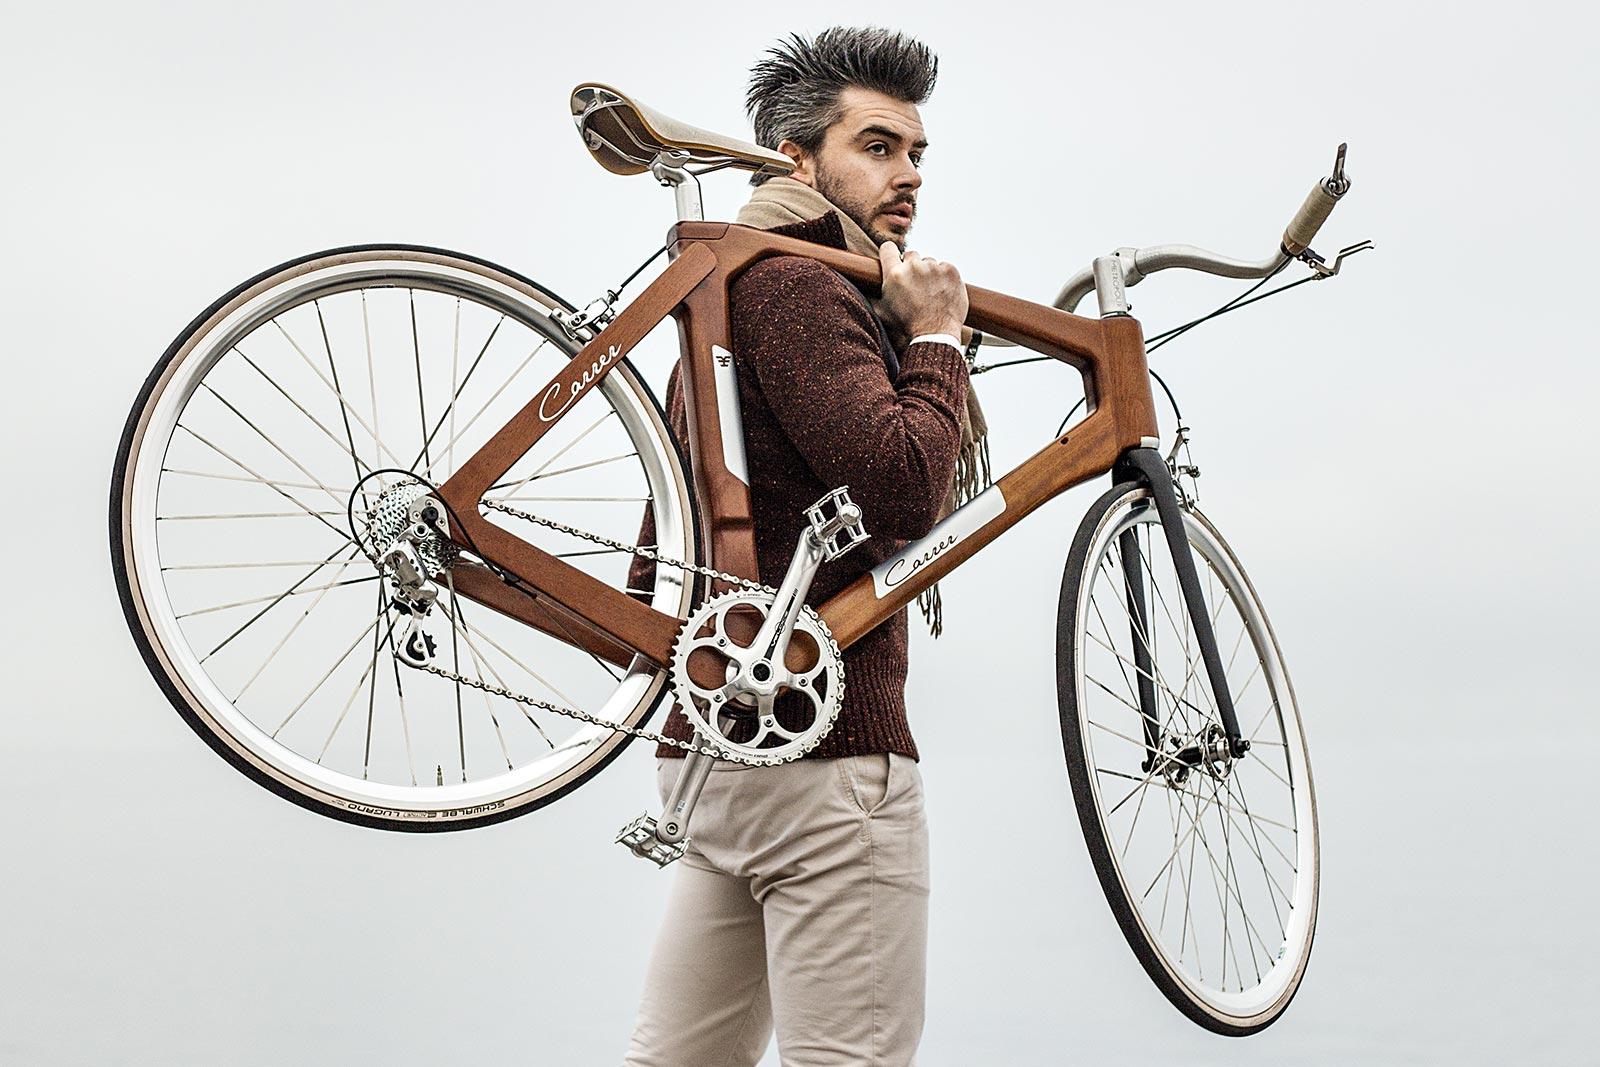 Telaio in legno e leggerezza per la bicicletta CarrerBikes